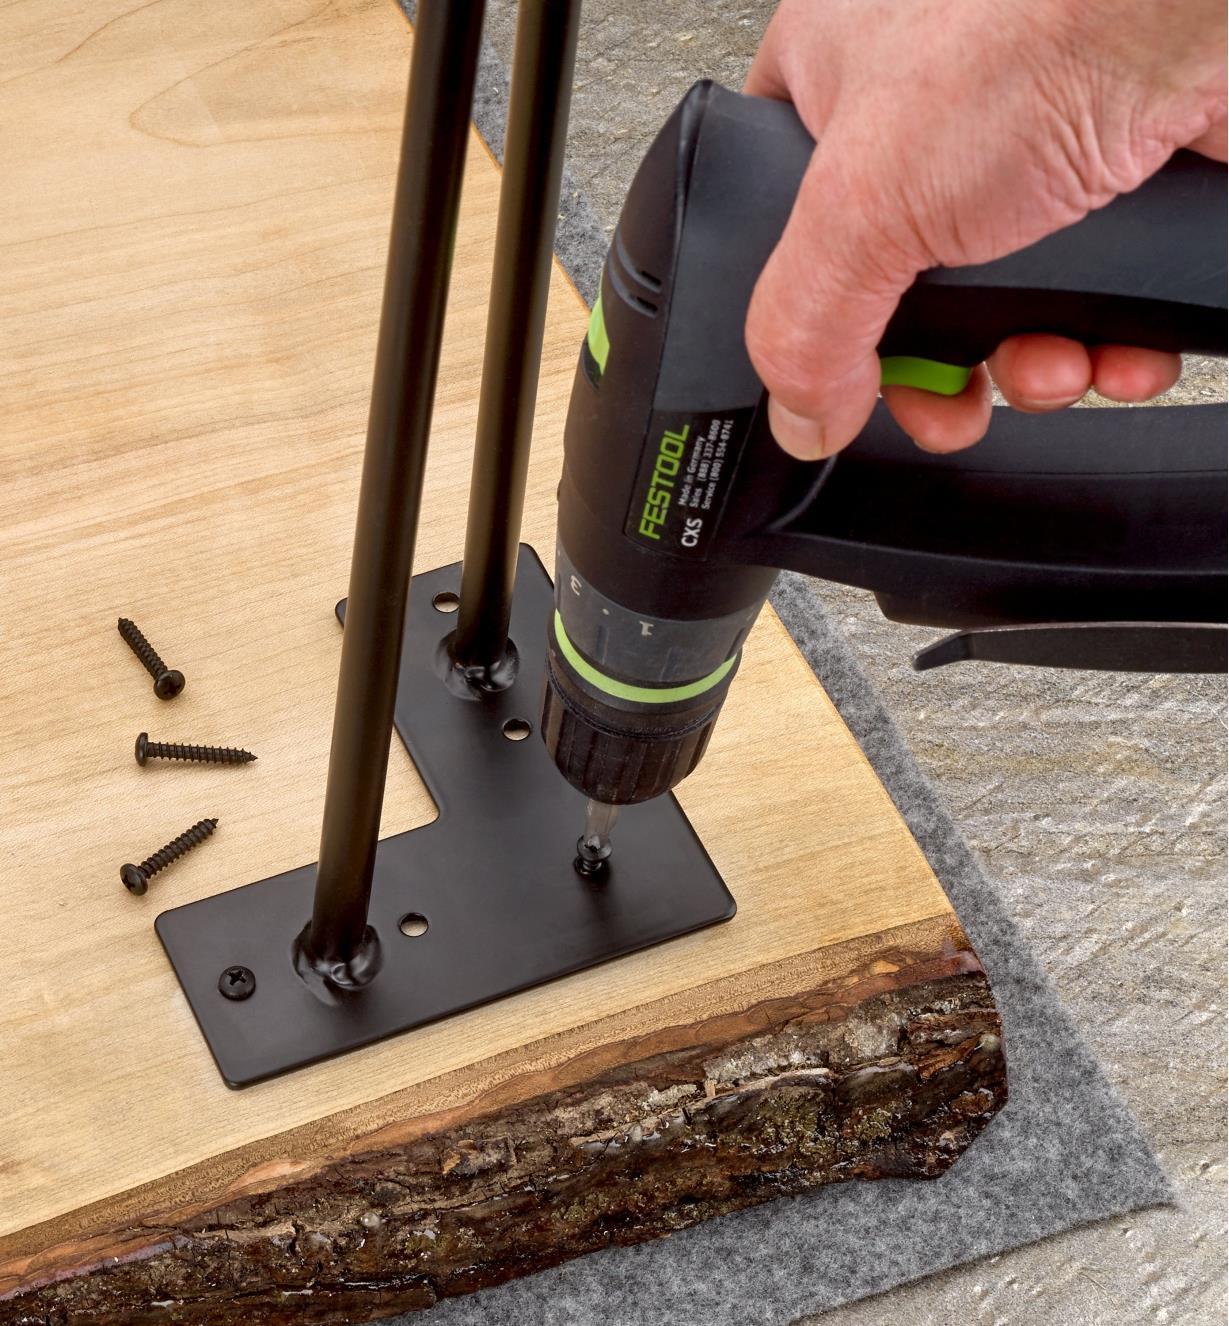 Fixation d'un pied en épingle de 28 po à un coin d'une table à bords naturels